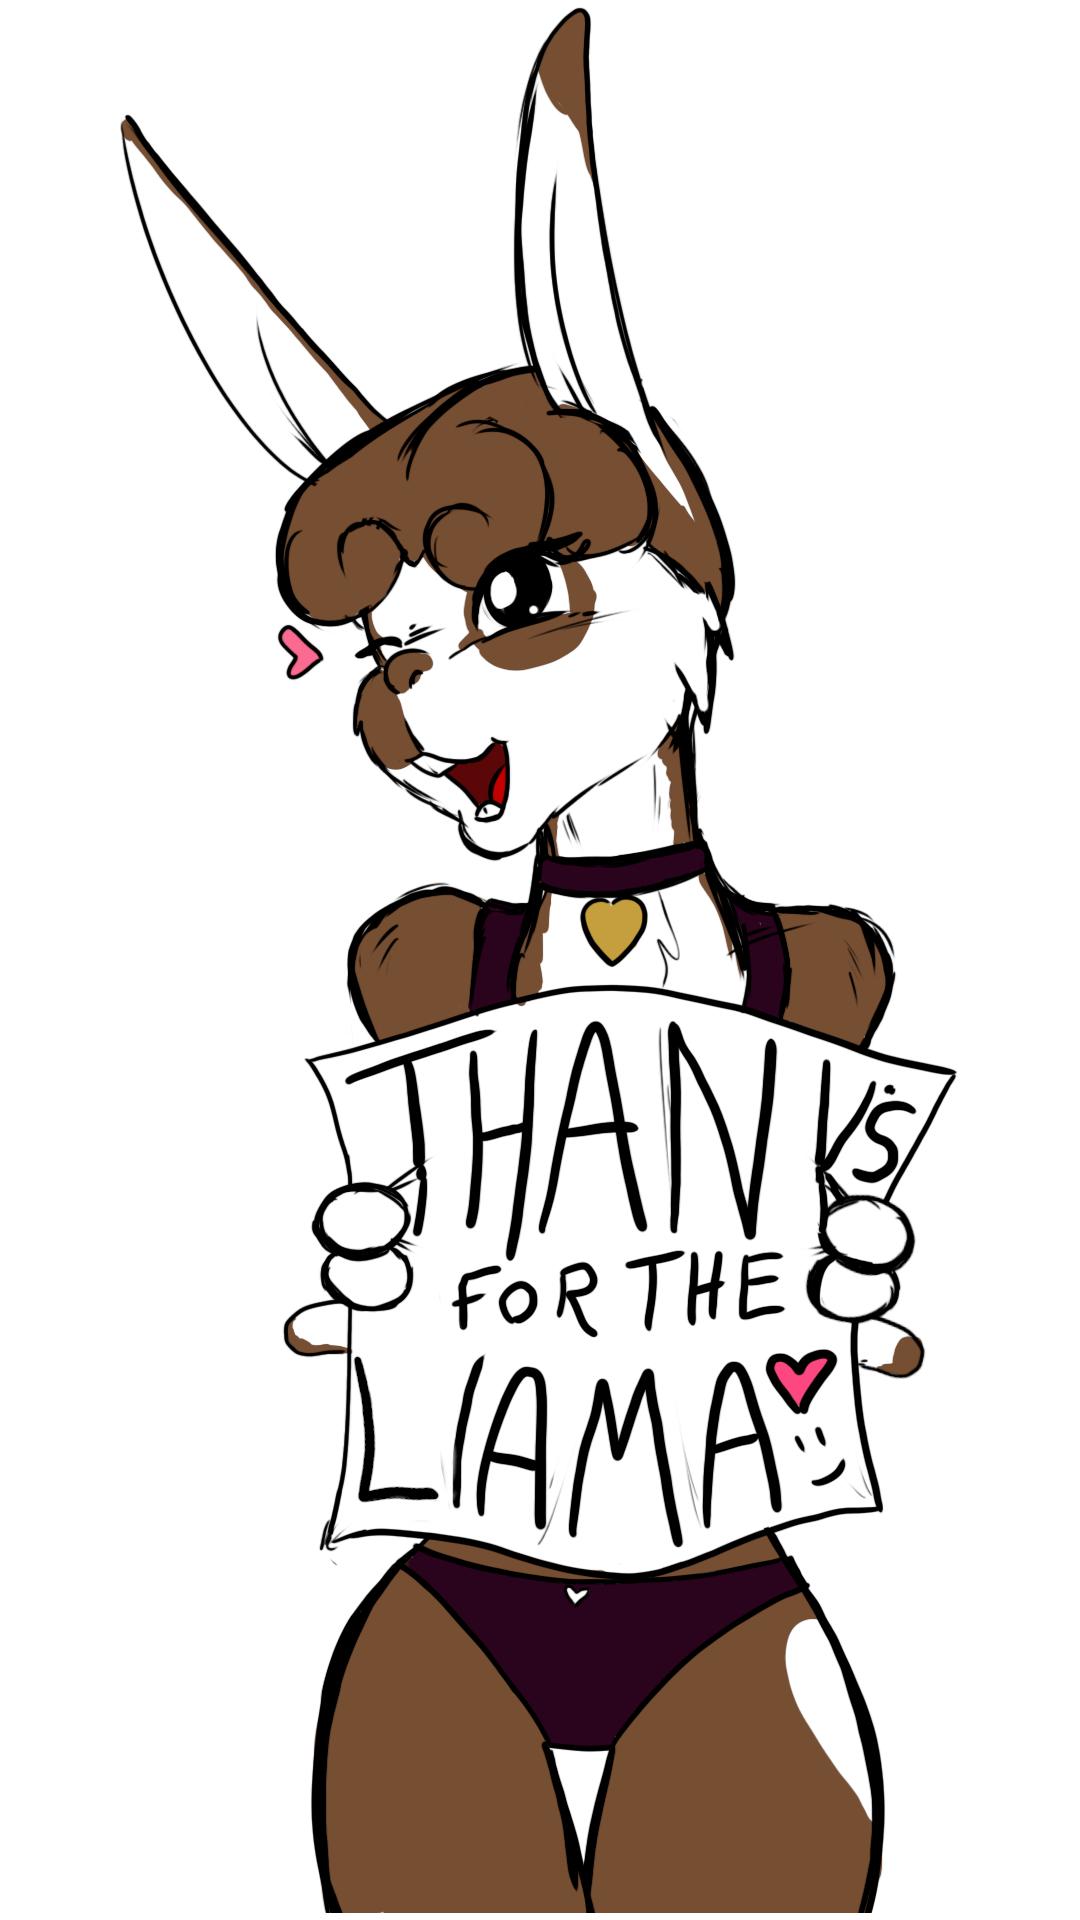 Lita the Lama